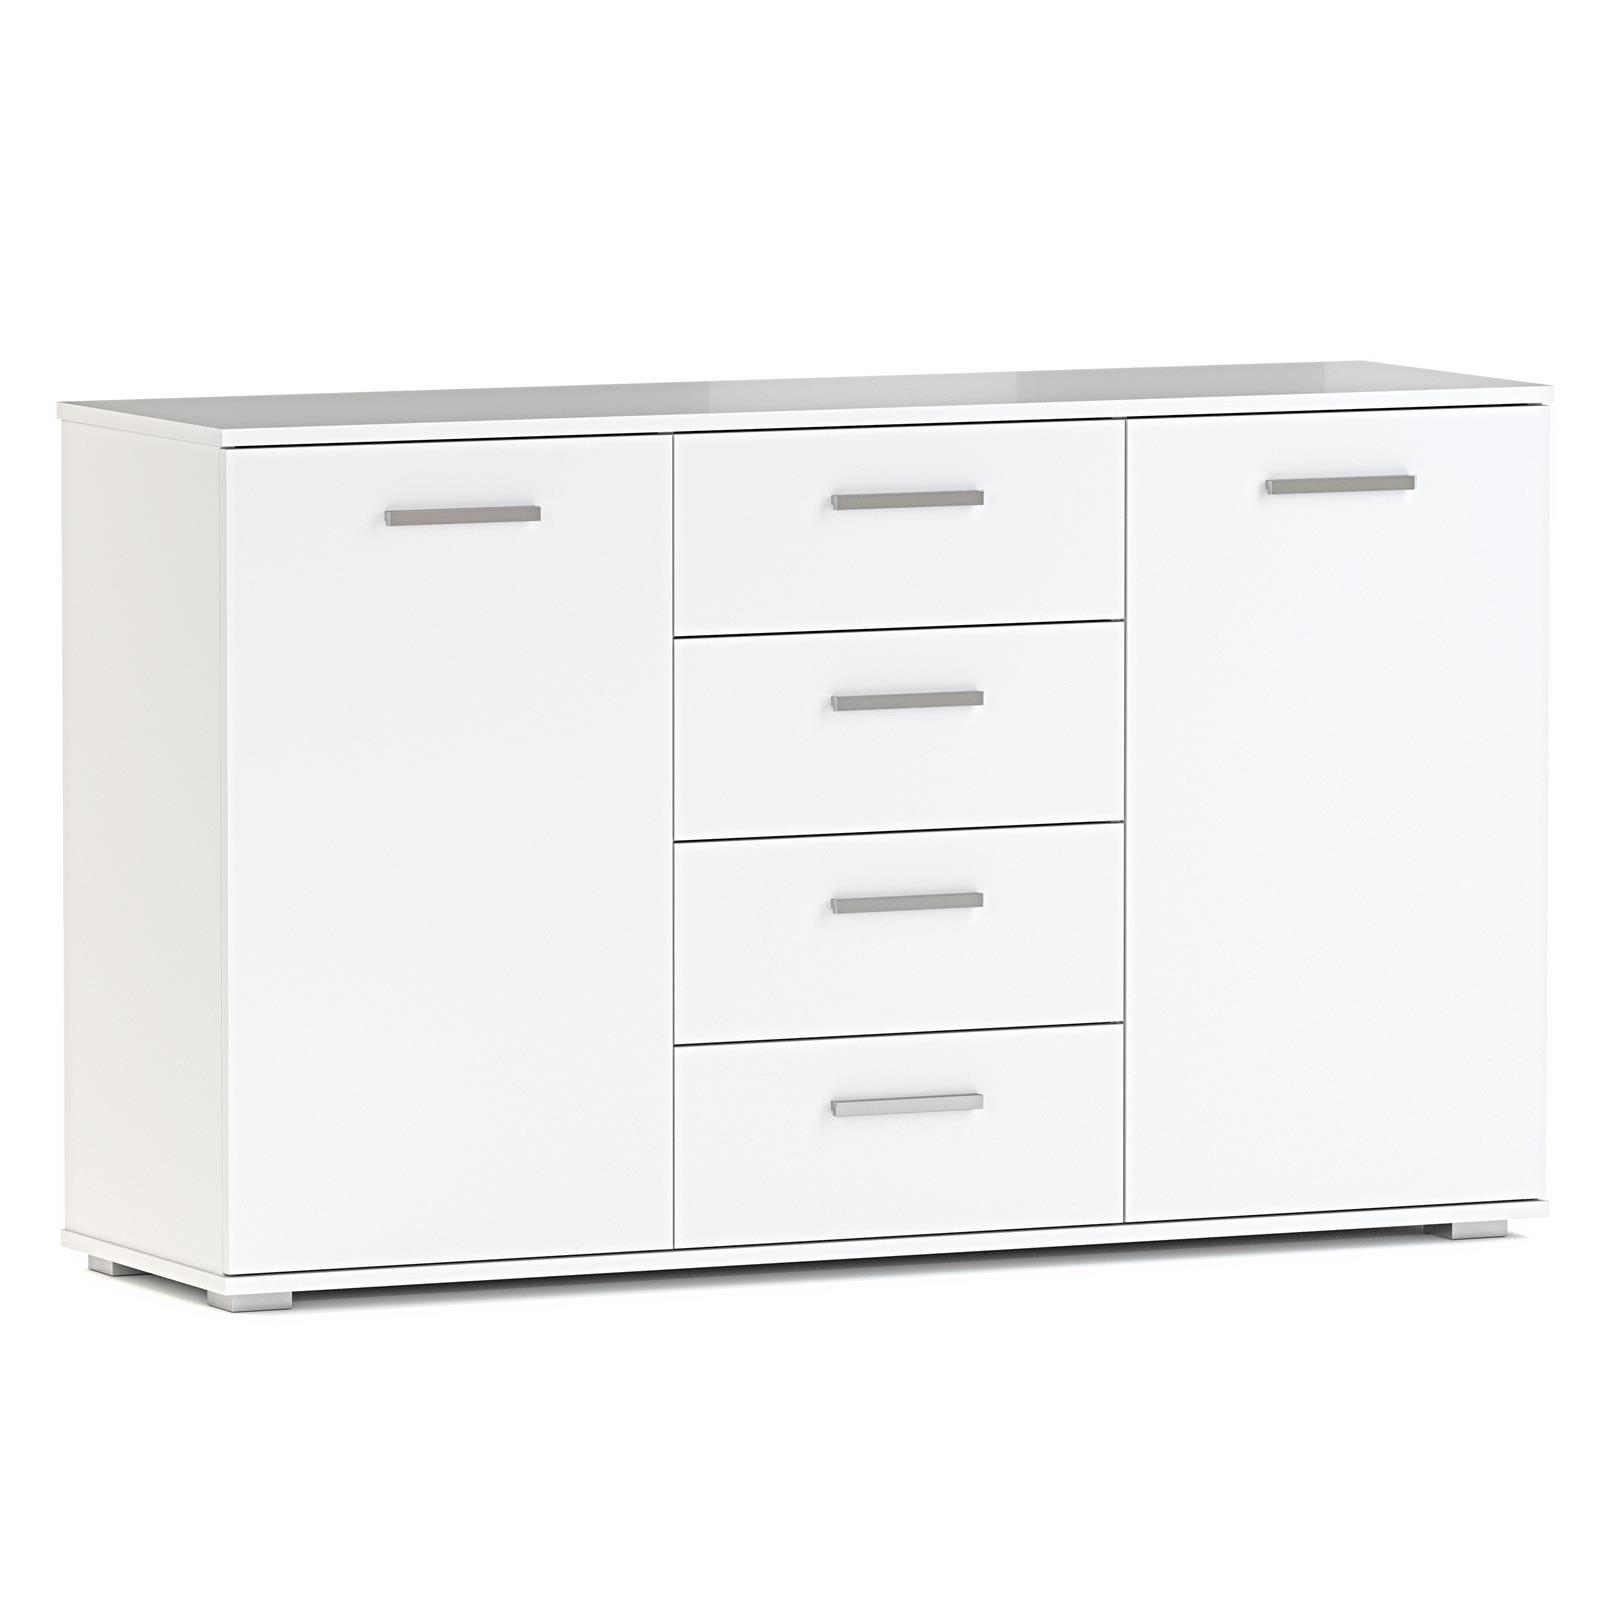 Faszinierend Kommode Mit Türen Weiß Sammlung Von Kommode-sideboard-anrichte-schrank-highboard-2-tueren-4-